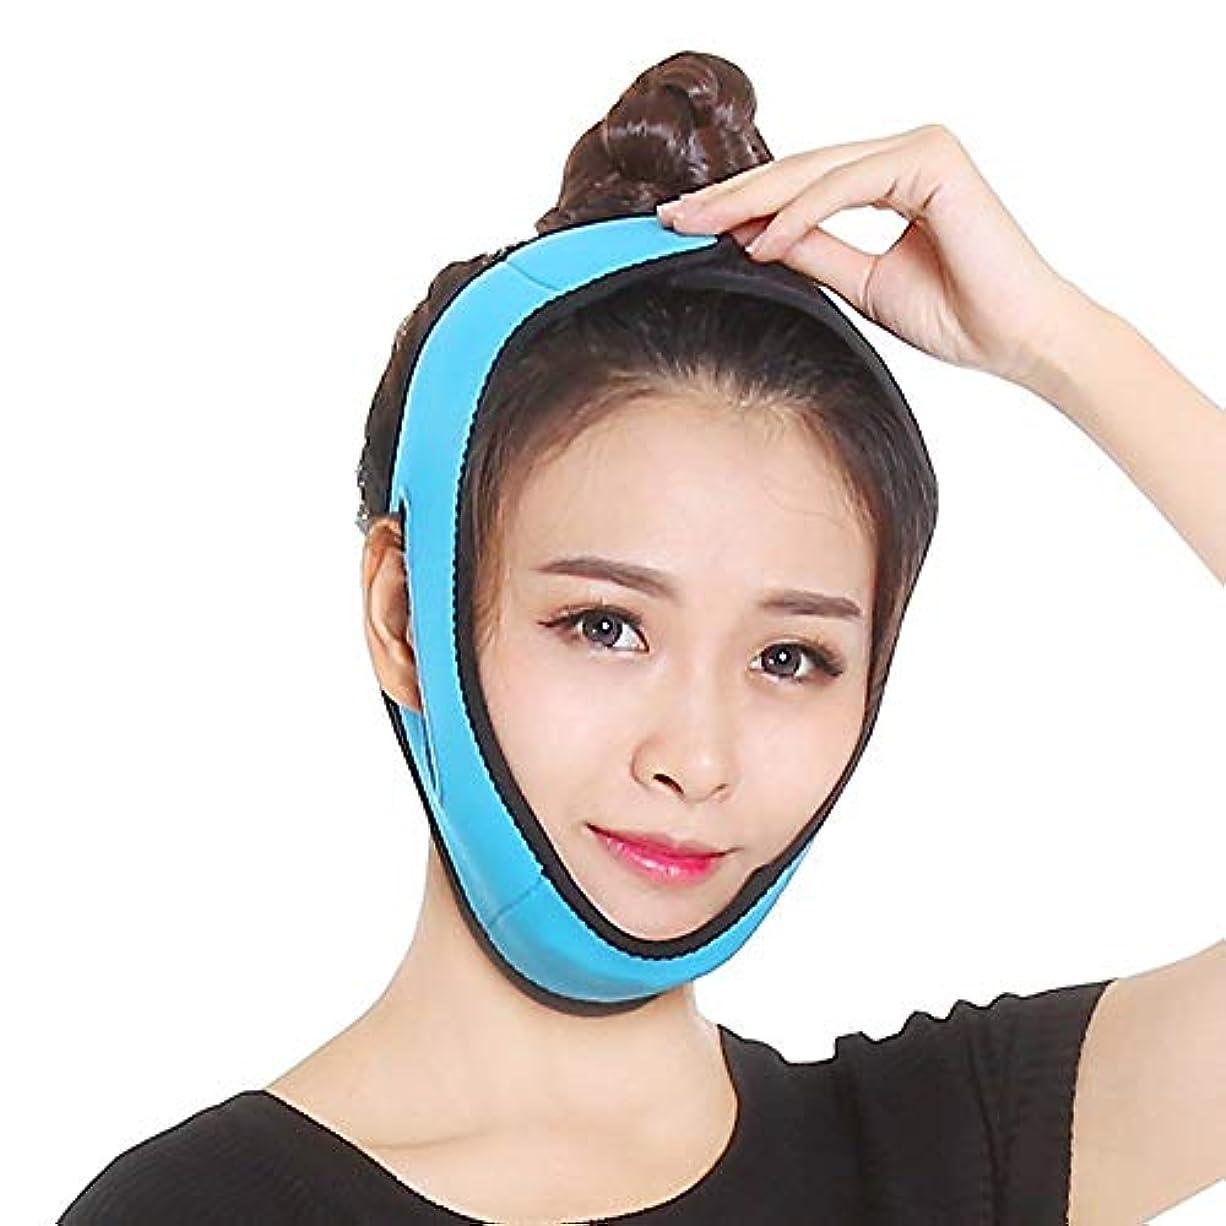 時々活力グリルフェイシャルリフティングスリミングベルト - 薄いフェイス包帯二重あごデバイス無料フェイシャルマッサージ整形マスクを引き締める顔と首の顔スリム